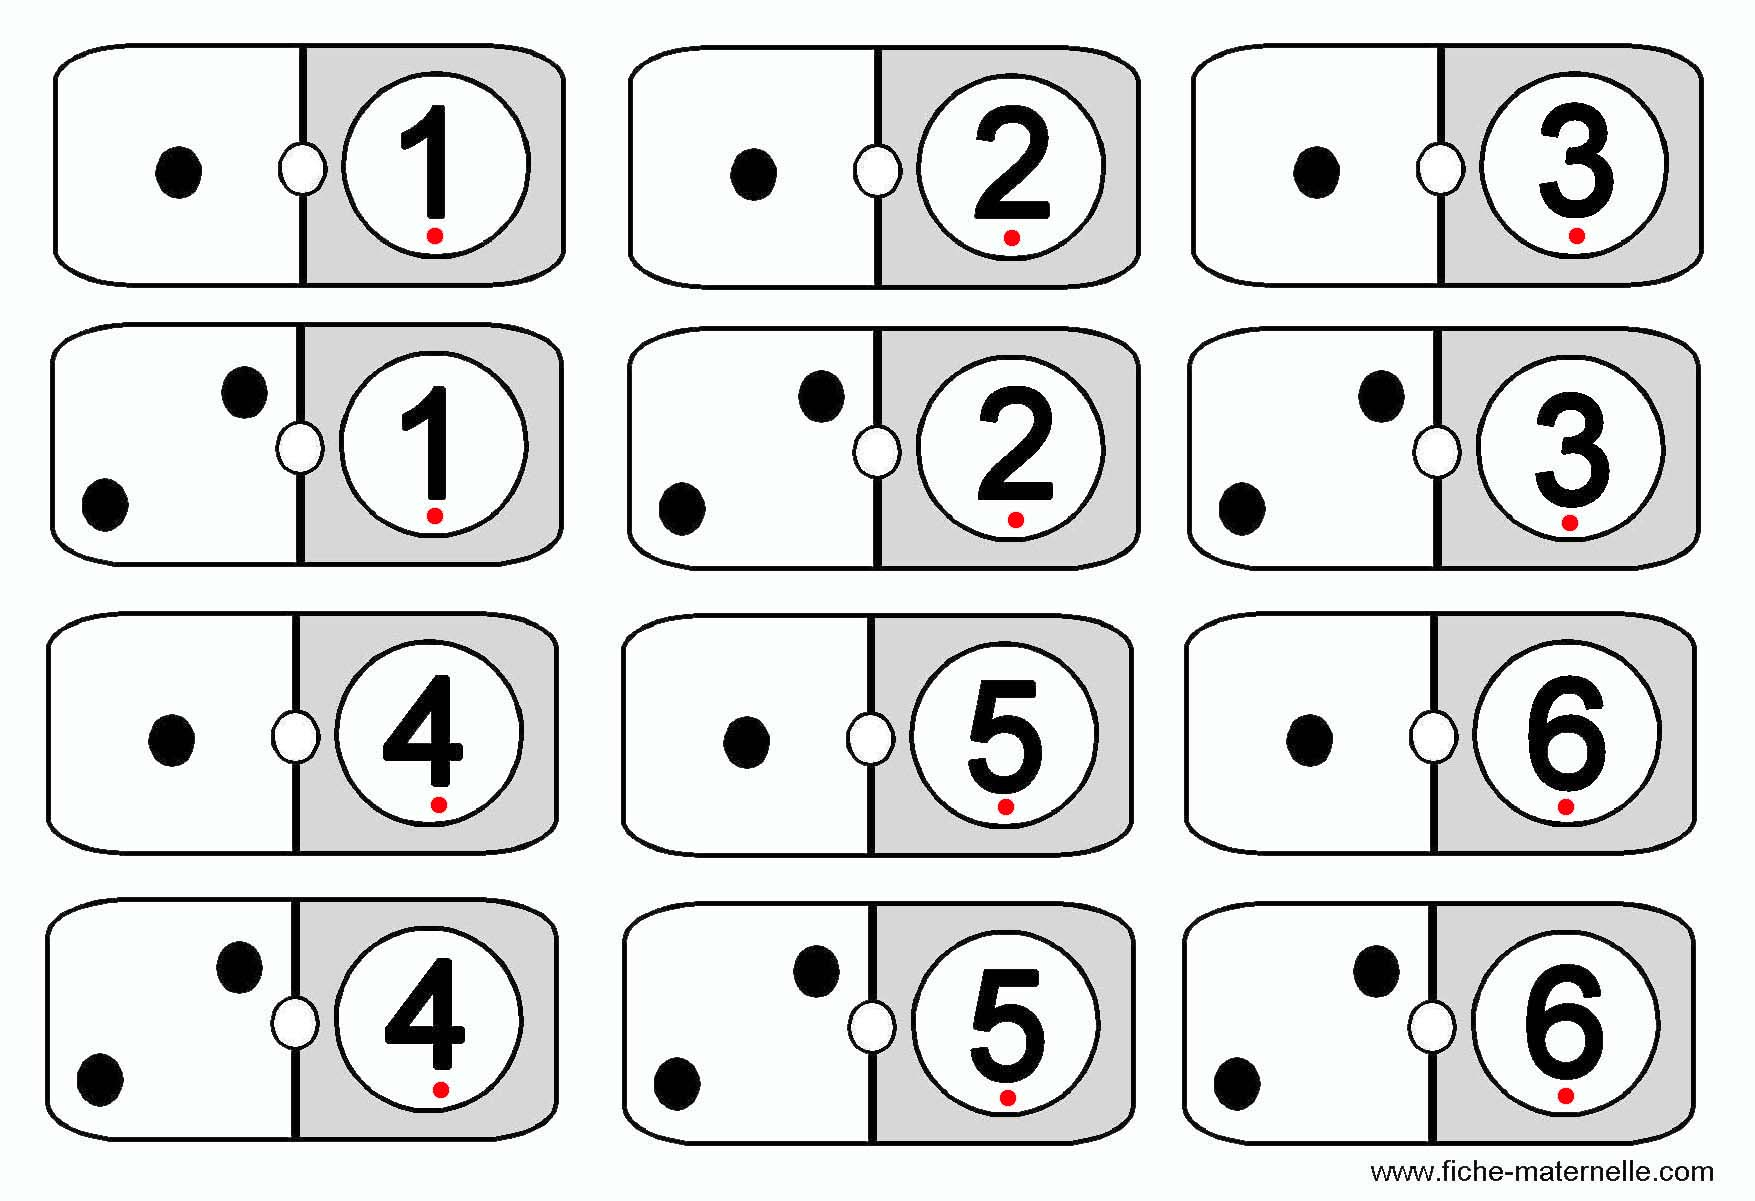 Jeux Mathématiques Pour Apprendre À Compter En Maternelle. dedans Jeux De Maternelle À Imprimer